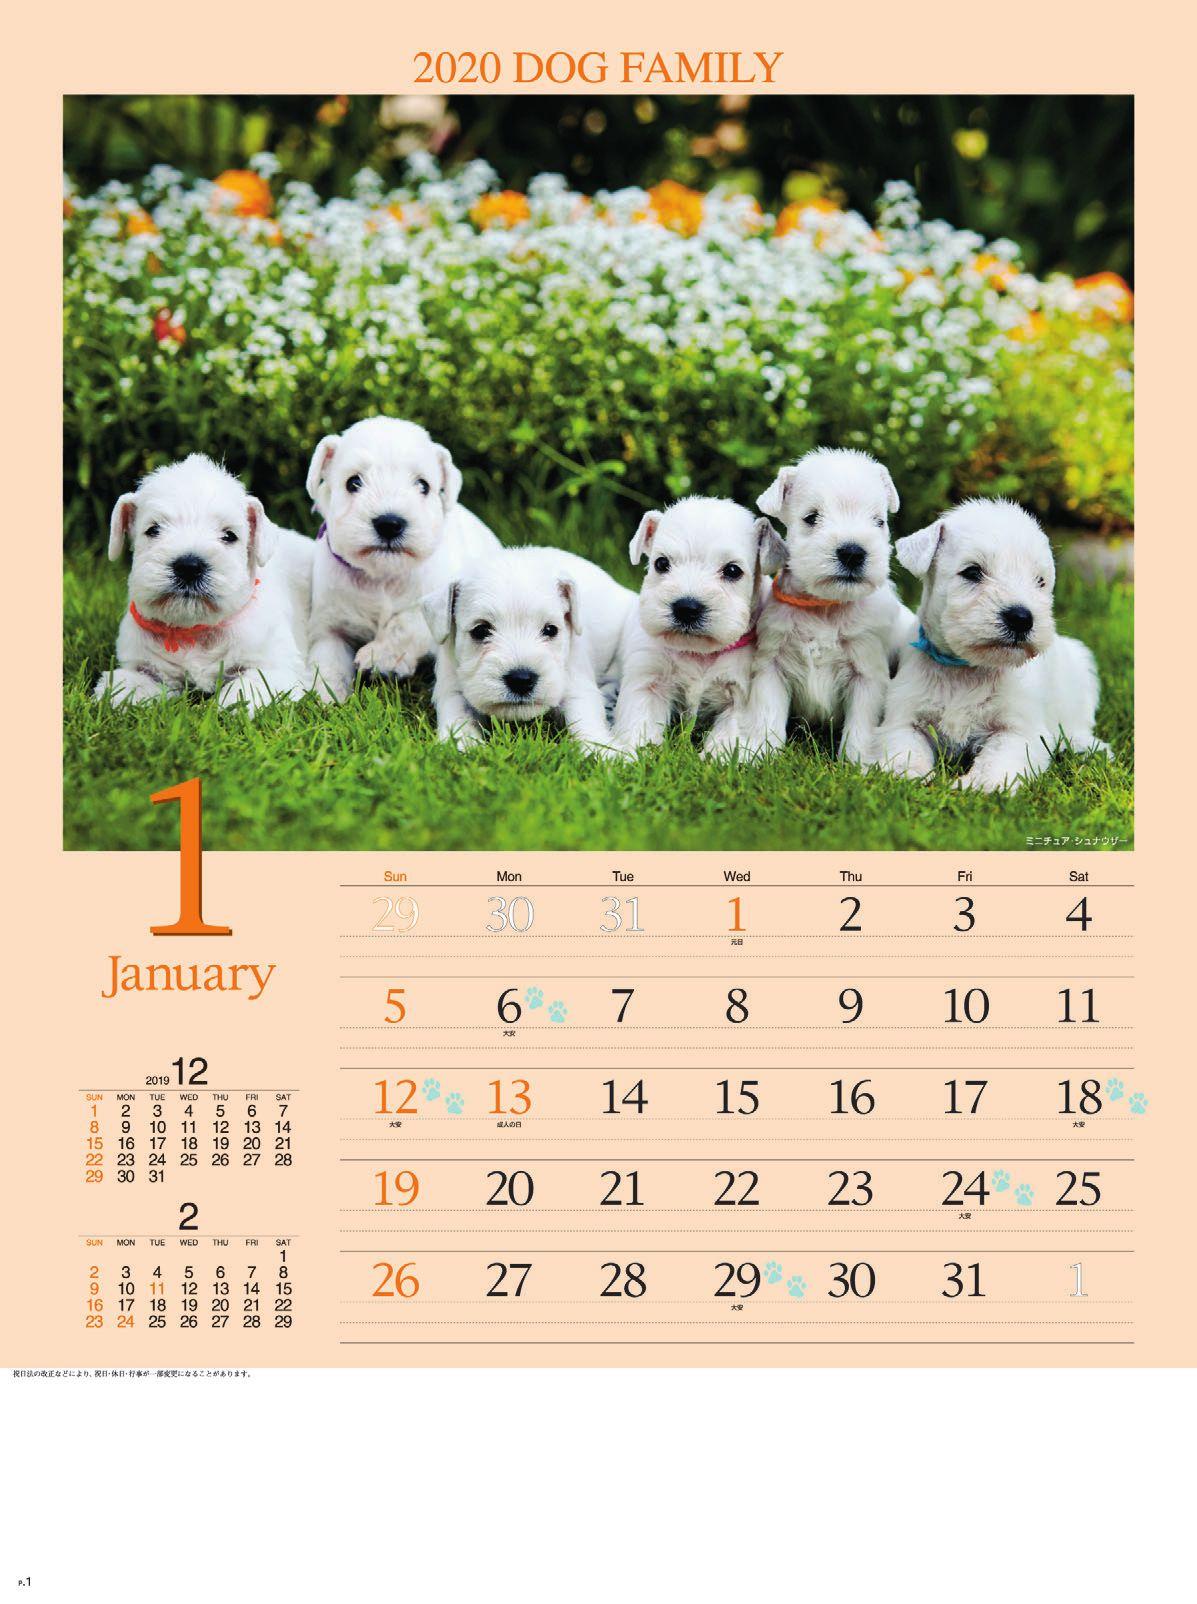 画像:ミニチュア・シュナウザー ドッグファミリー 2020年カレンダー